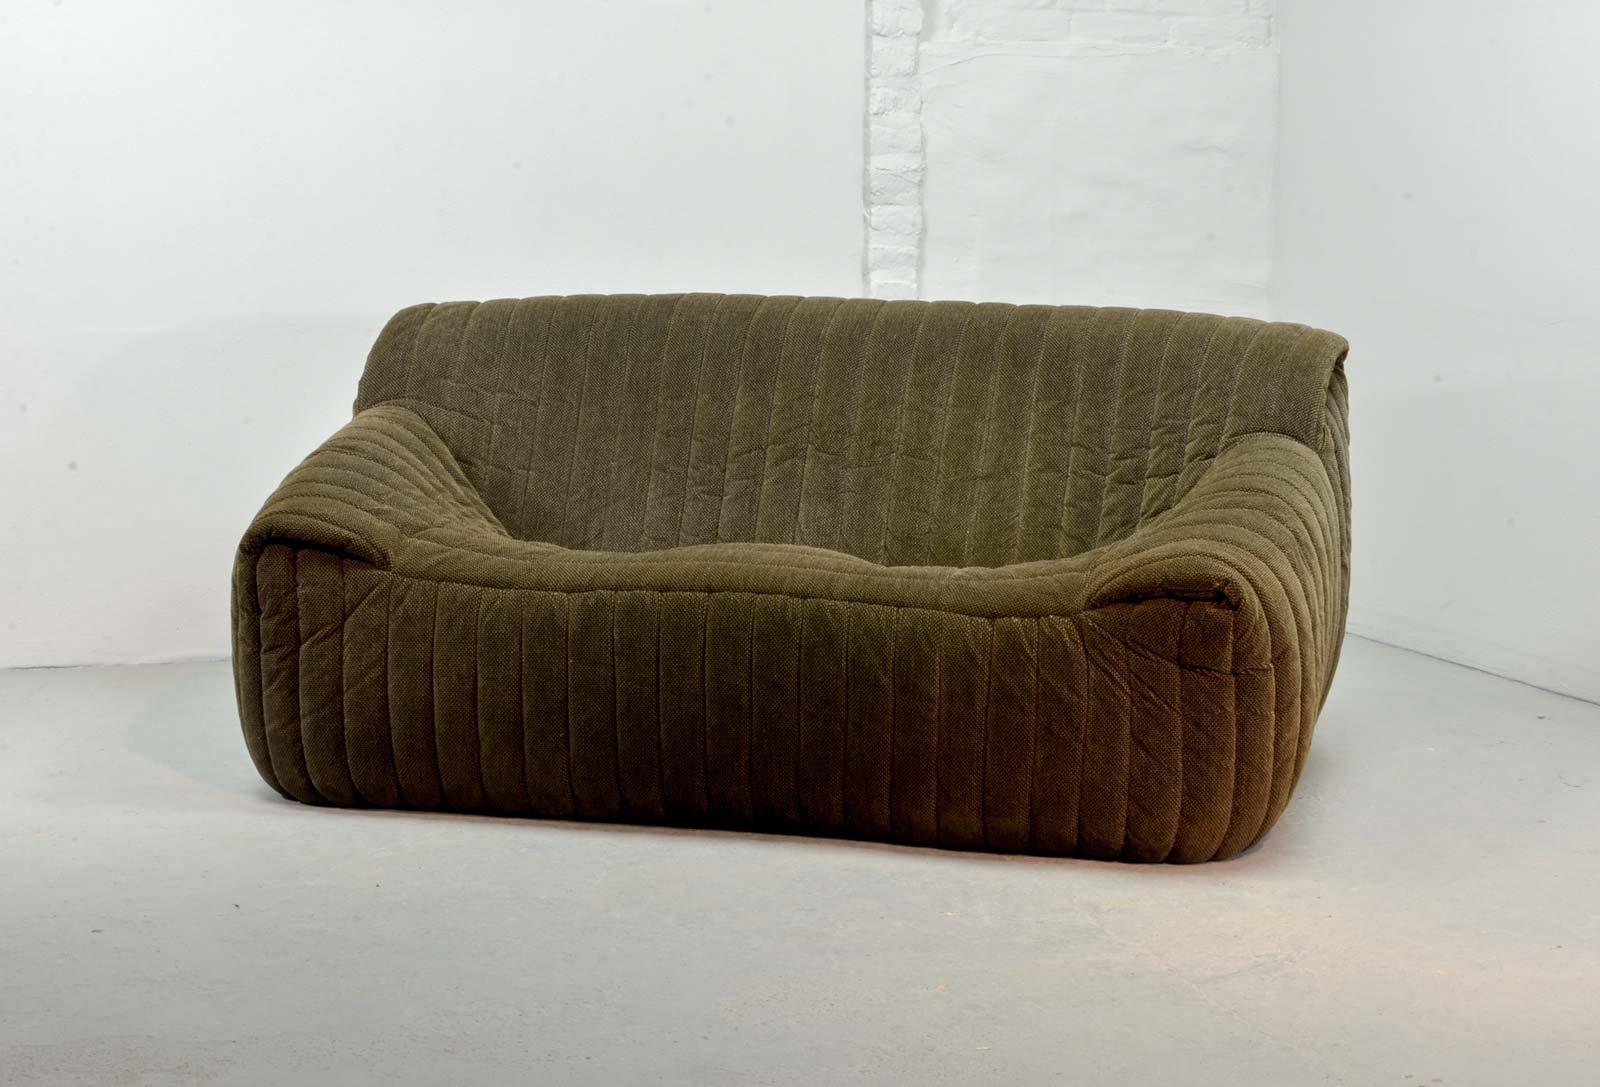 franz sisches 2 sitzer sofa von annie hieronymus f r ligne roset 1970er bei pamono kaufen. Black Bedroom Furniture Sets. Home Design Ideas